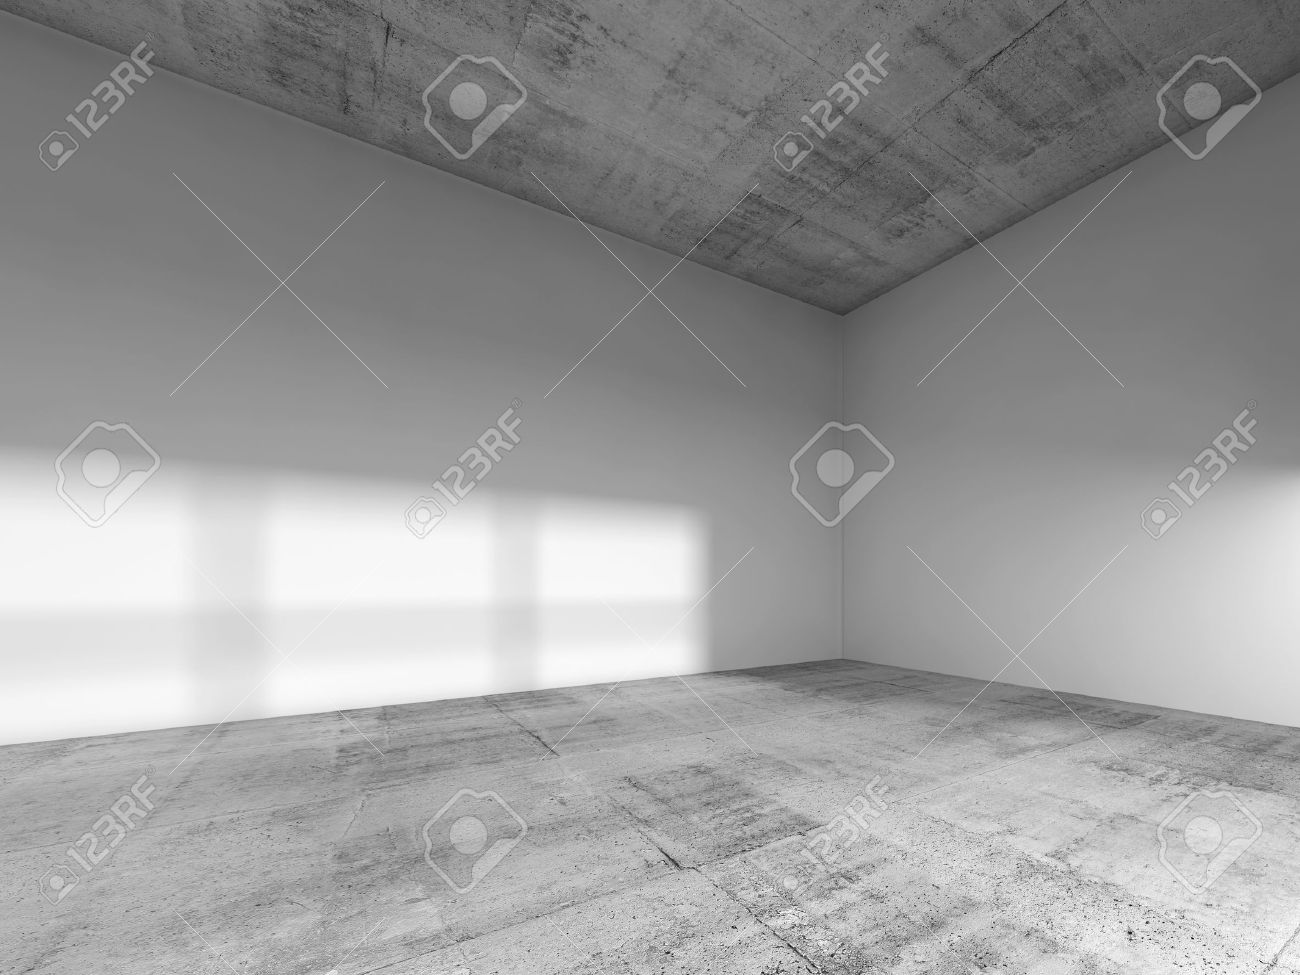 Assez Résumé Intérieur D'une Pièce Vide Avec Des Murs Blancs Peints, Sol  KJ59